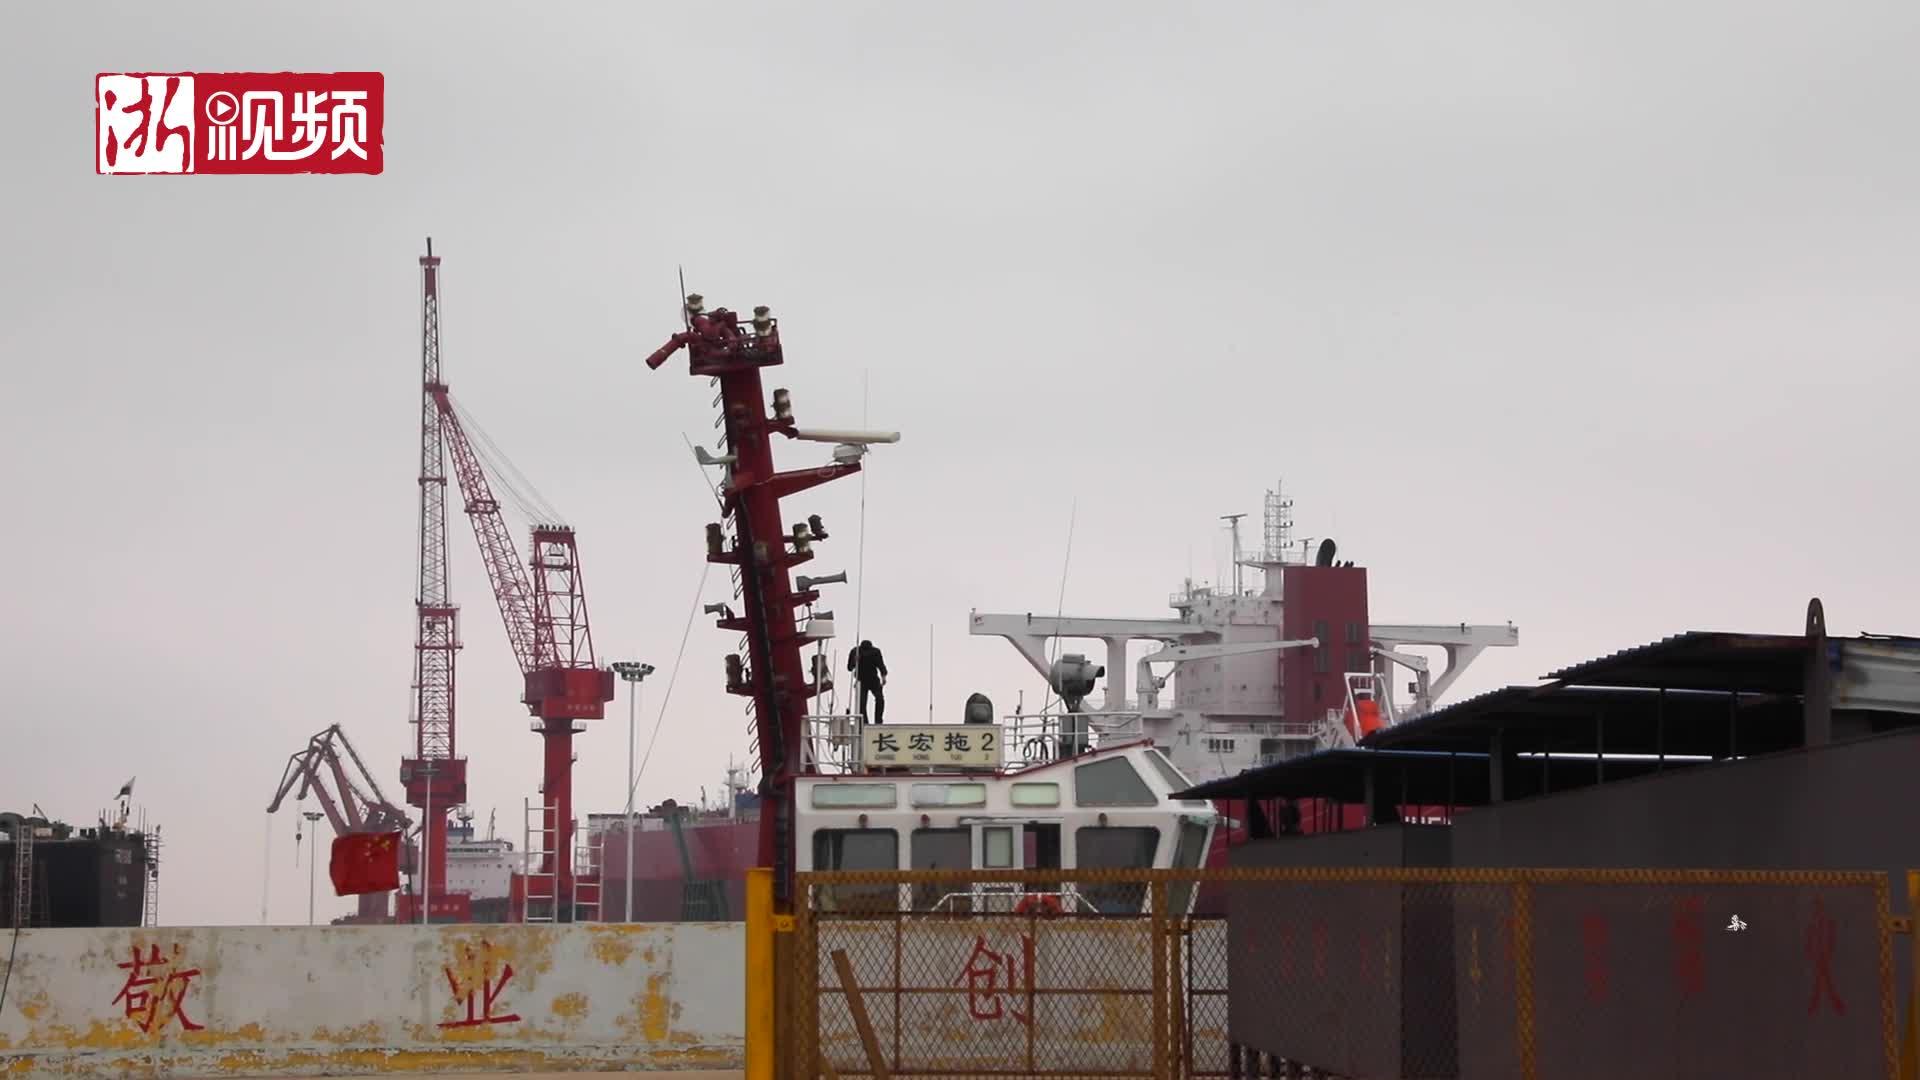 舟山海洋经济